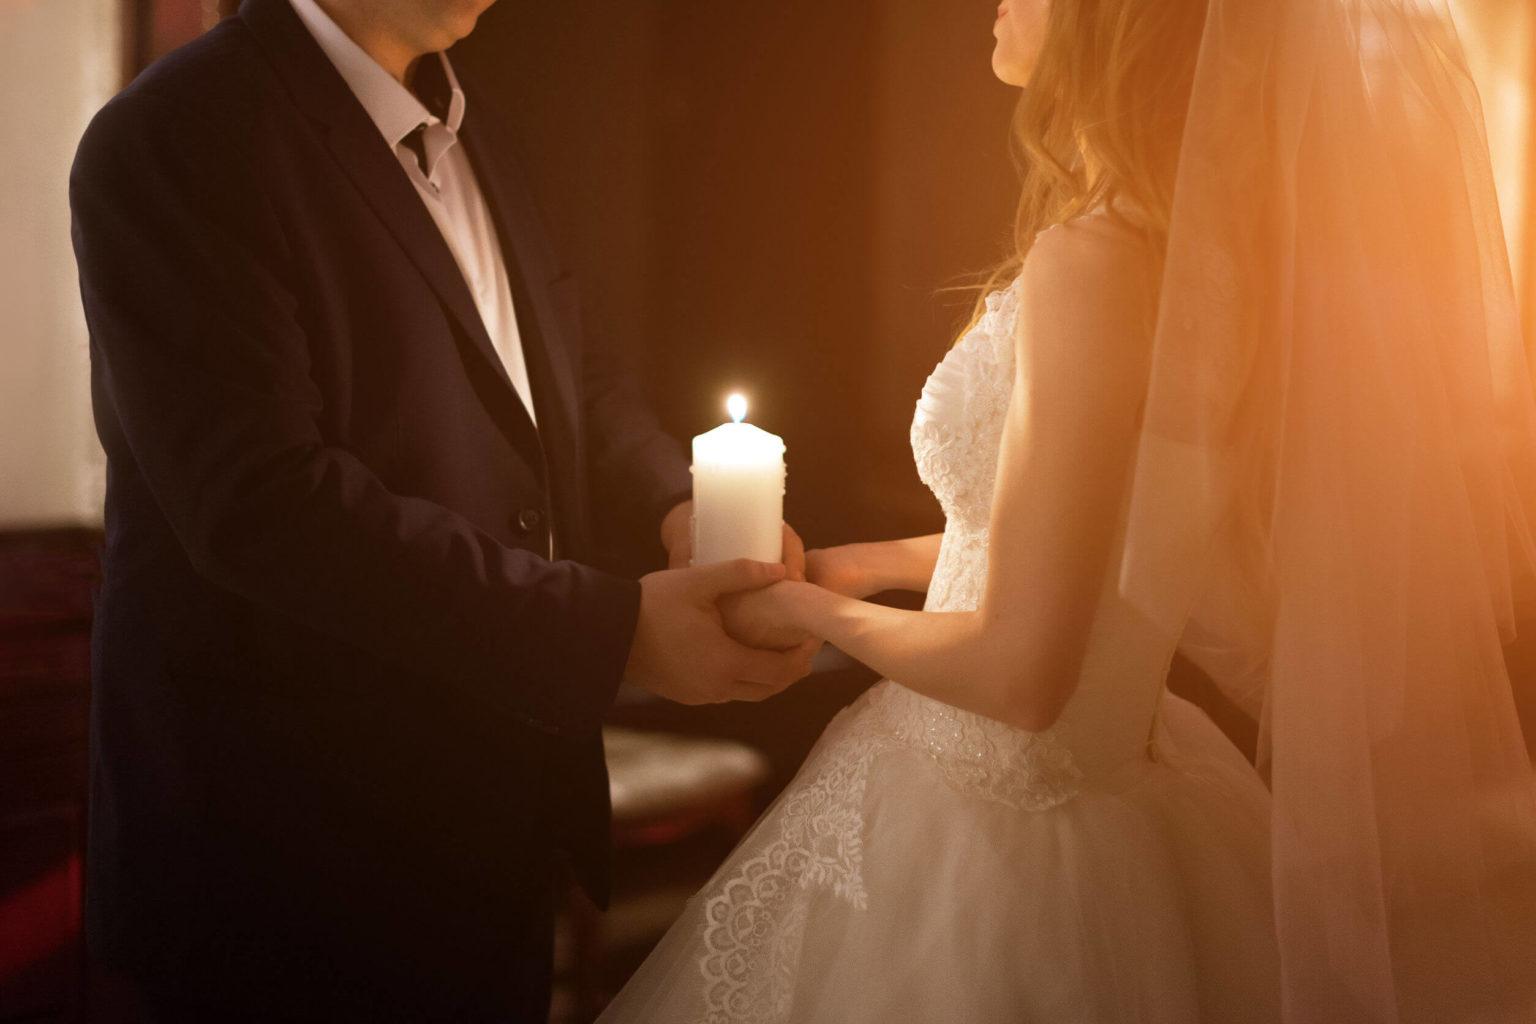 traditionelle Hochzeitsnacht